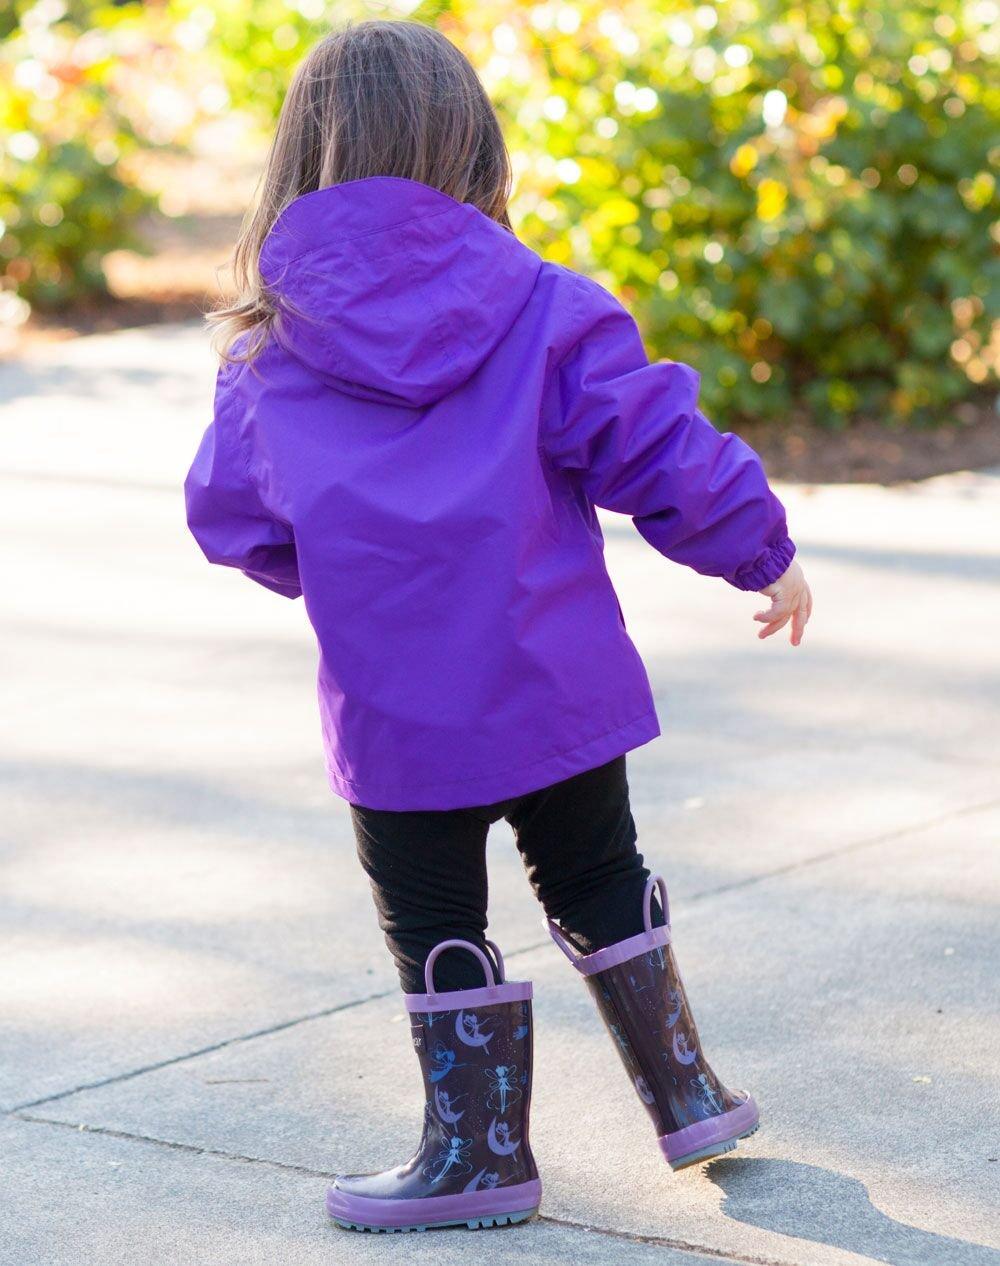 Oakiwear Kids Rubber Rain Boots with Easy-On Handles, Fairy Dust, 1Y US Little Kid by Oakiwear (Image #7)